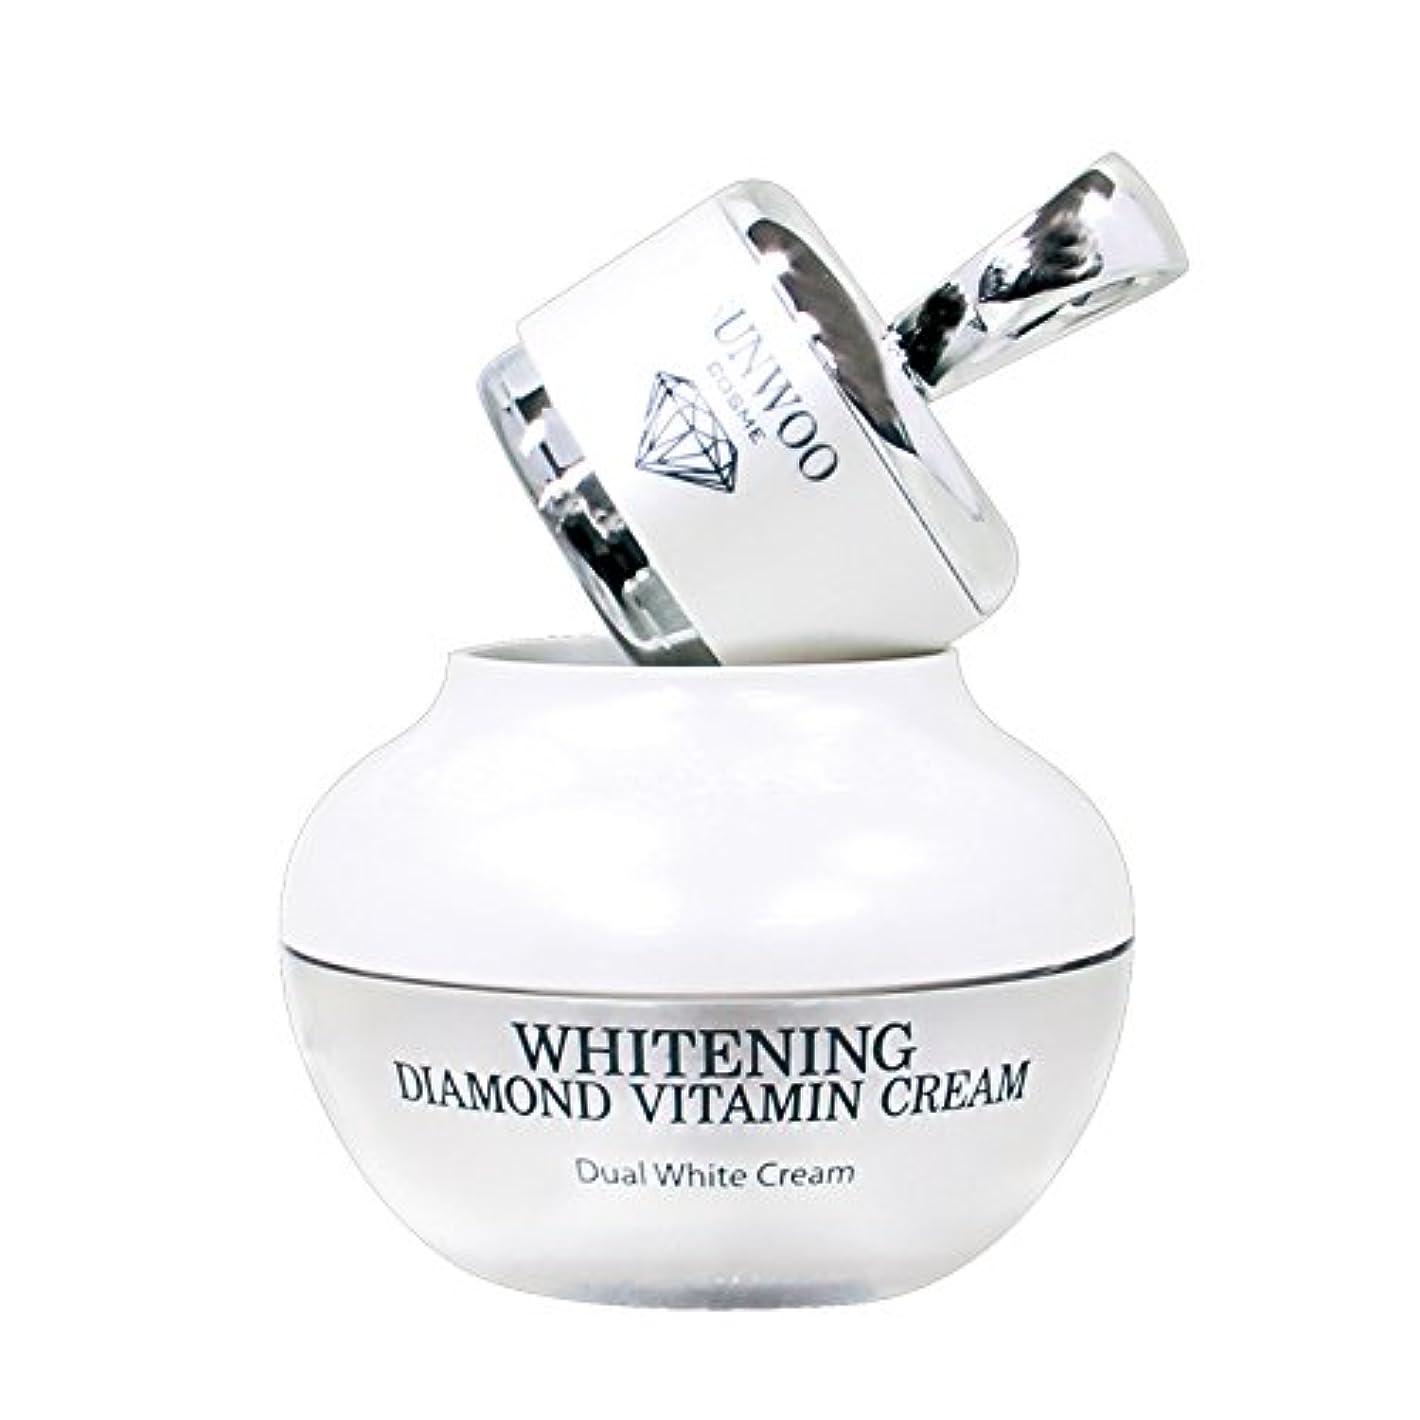 クアッガバドミントン学者Whitening Diamond Vitamin Cream